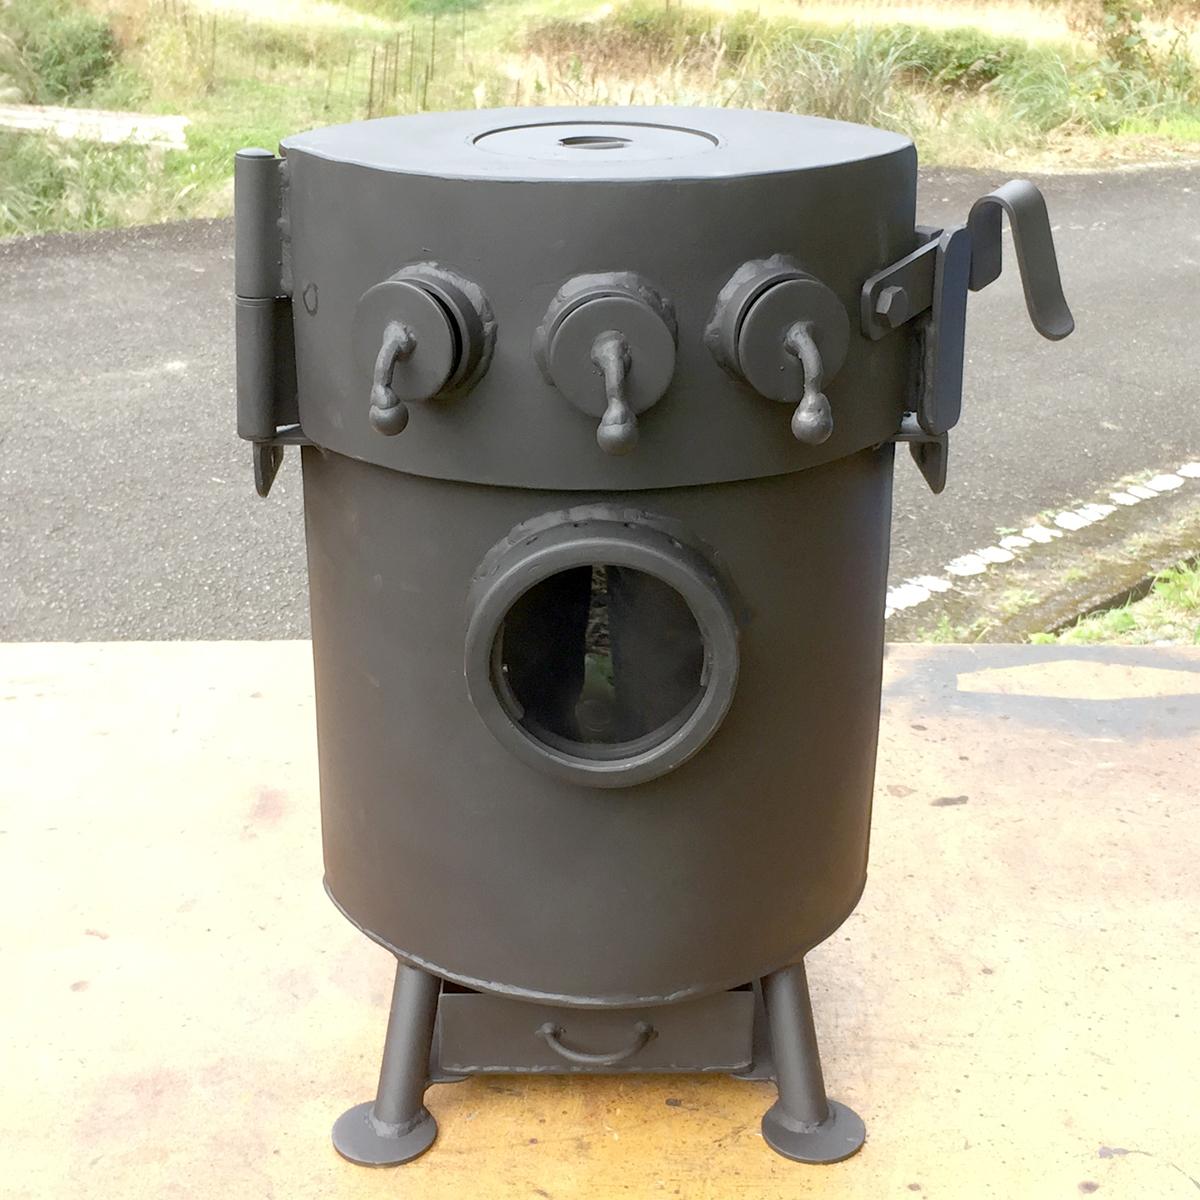 移動式かまどDELUXE煙突付き カマド 釜戸 竃 薪ストーブ ピザ窯 ロケットストーブ